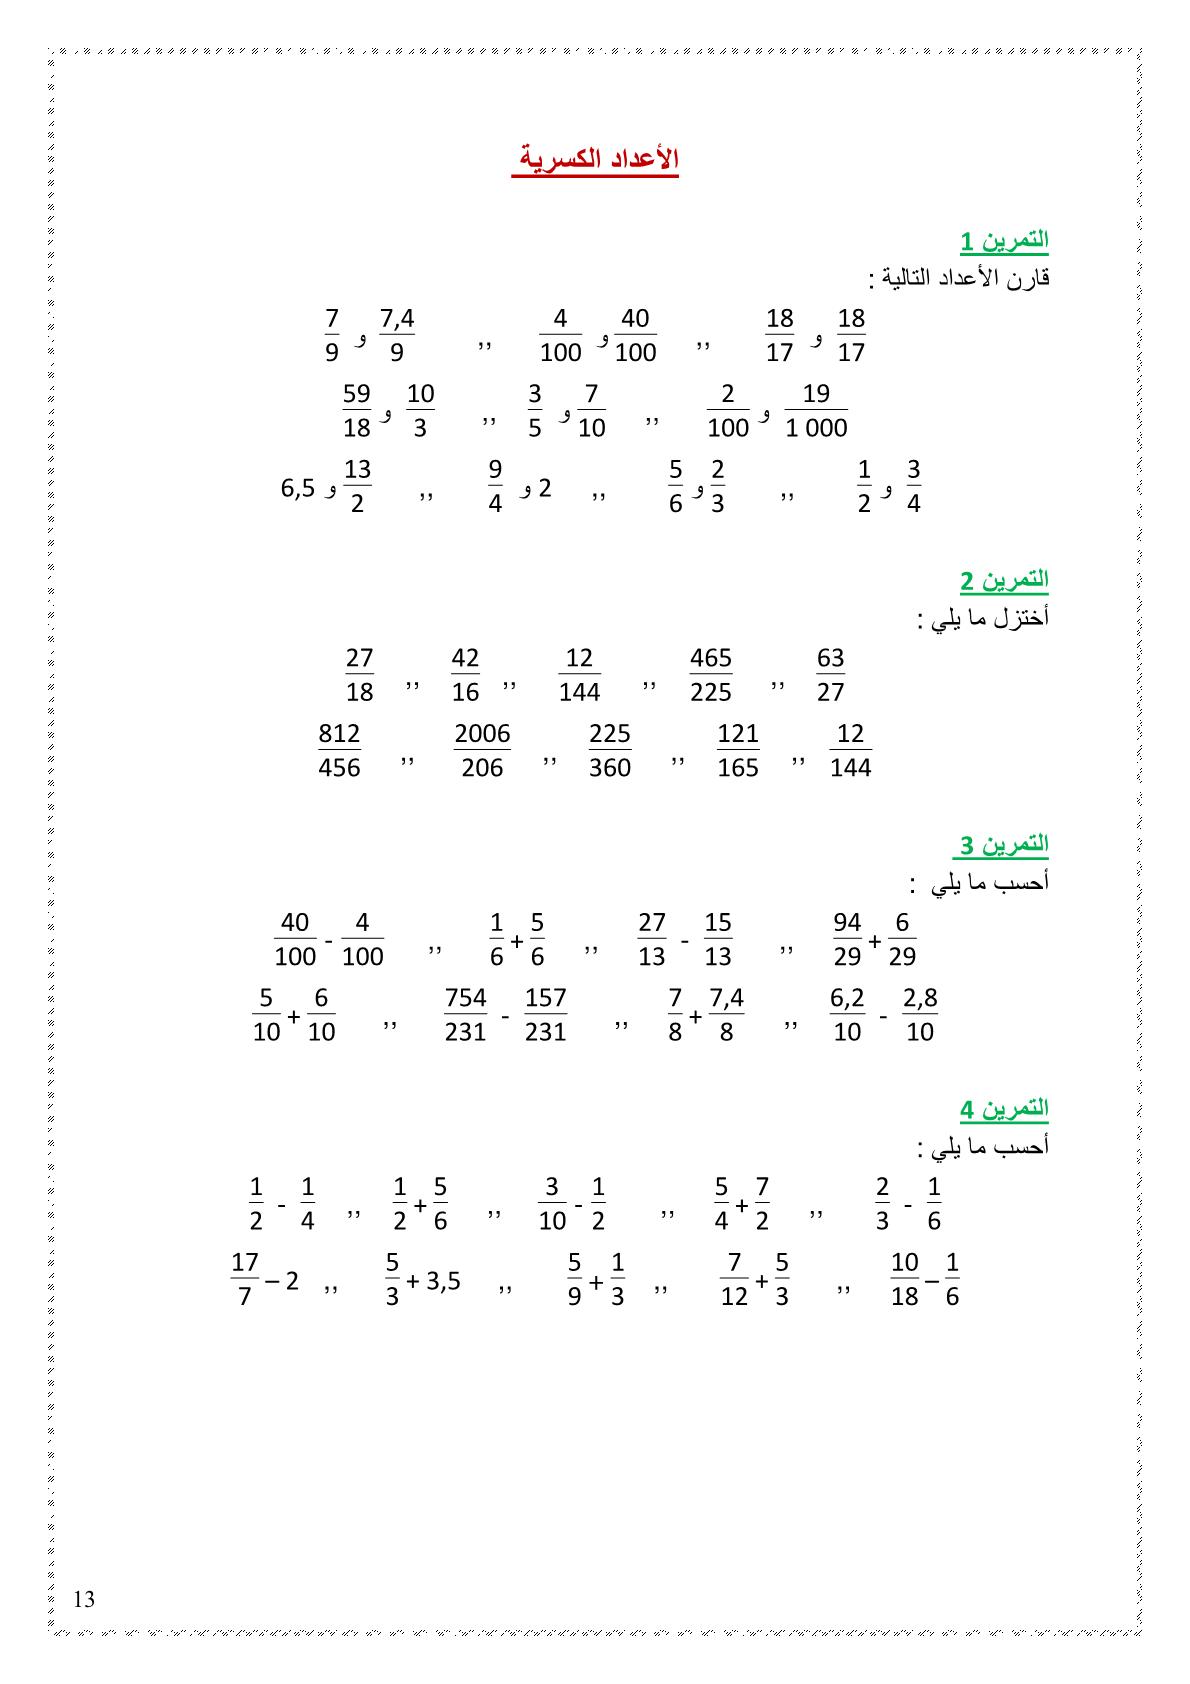 تمارين الأعداد الكسرية مع التصحيح للسنة الاولى اعدادي